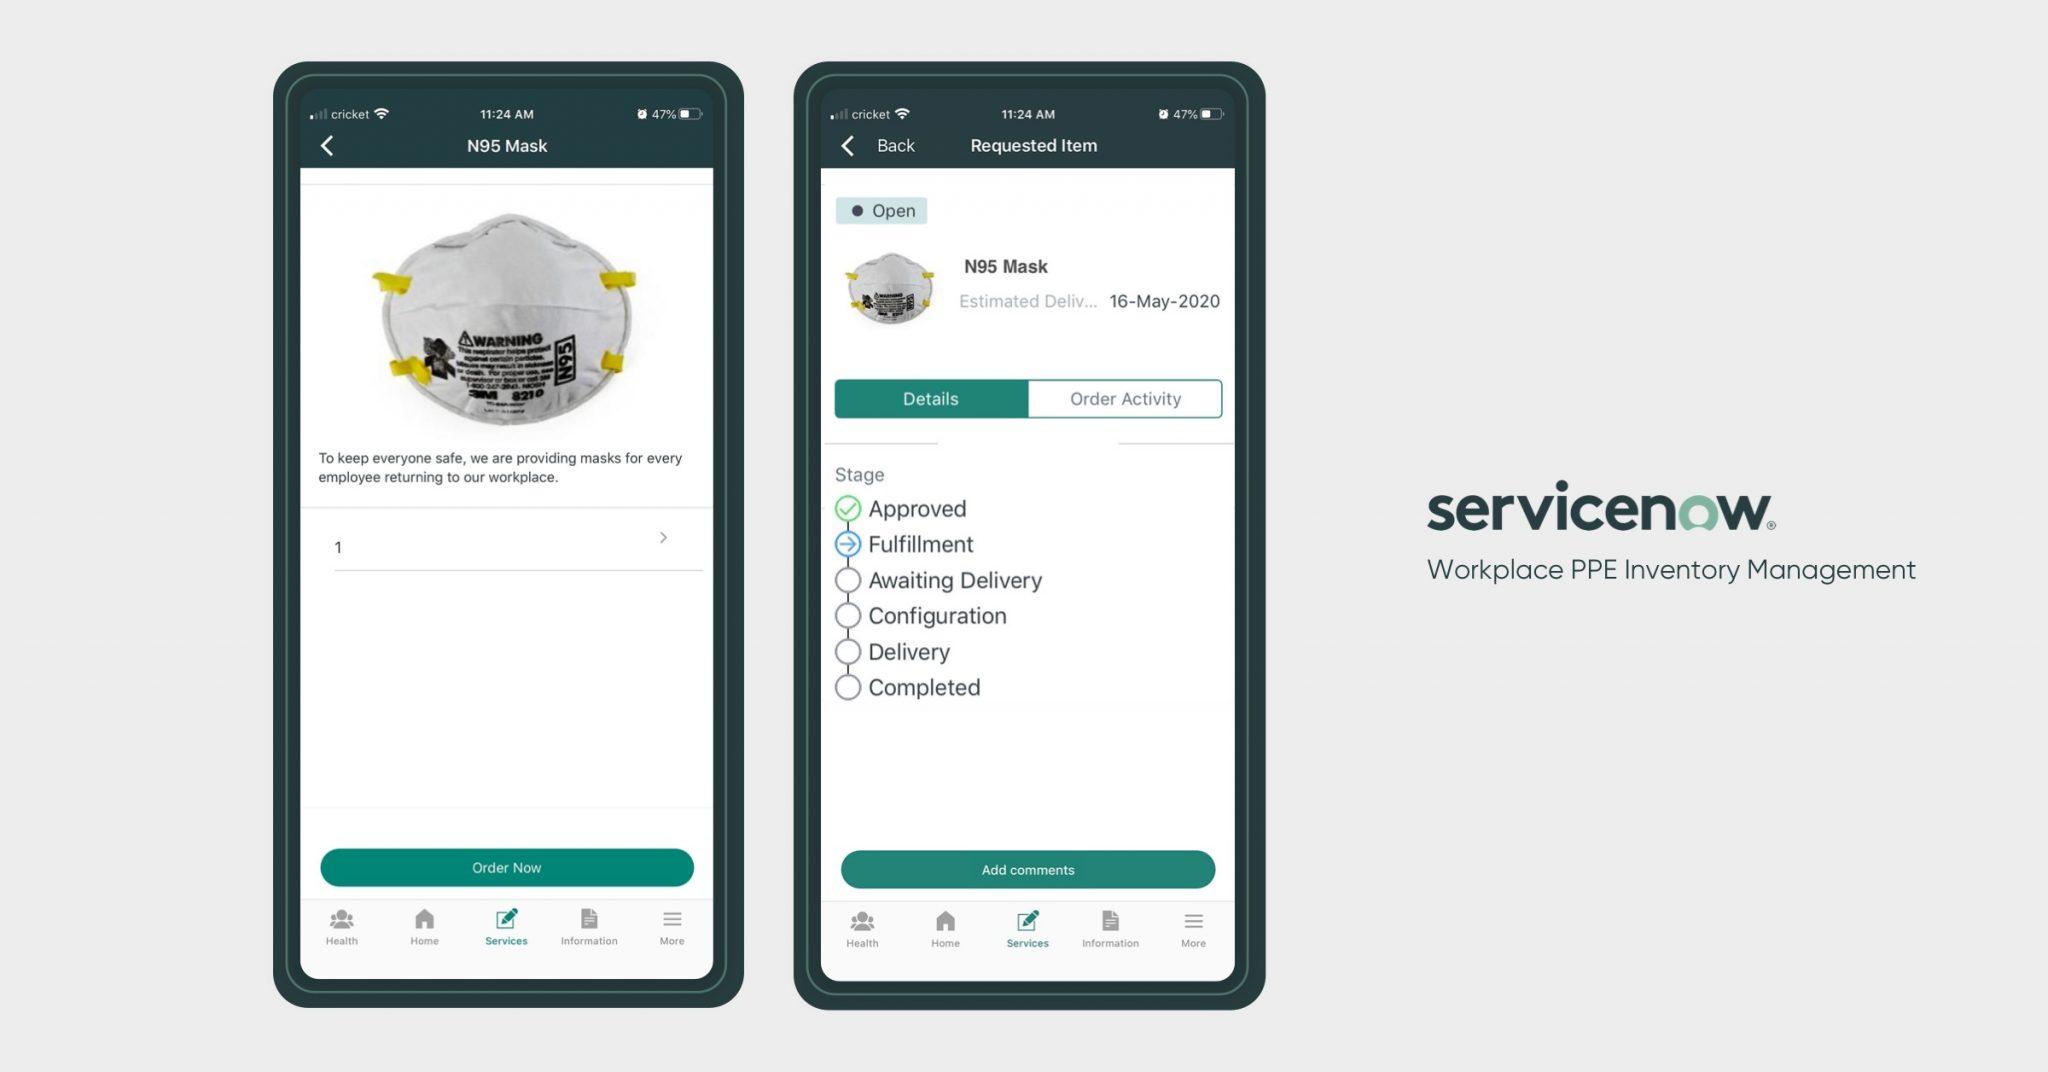 ServiceNow lanza cuatro aplicaciones para ayudar a las empresas a gestionar las fases clave de la reincorporación de los empleados a sus espacios de trabajo en condiciones seguras